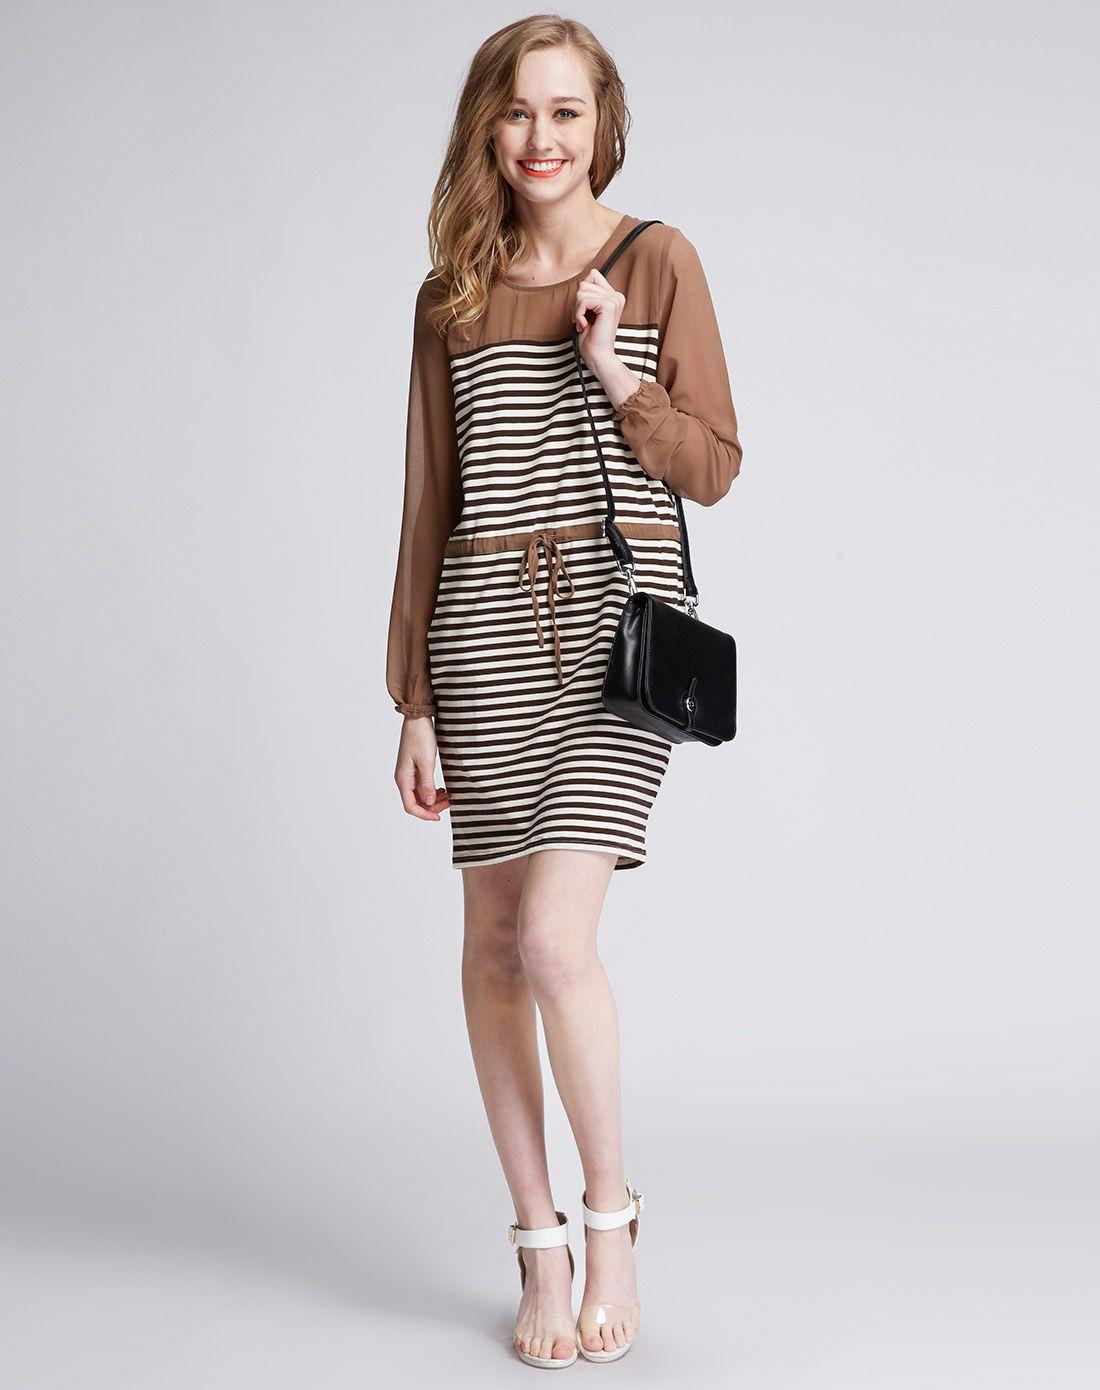 女装咖啡色条纹拼接连衣裙